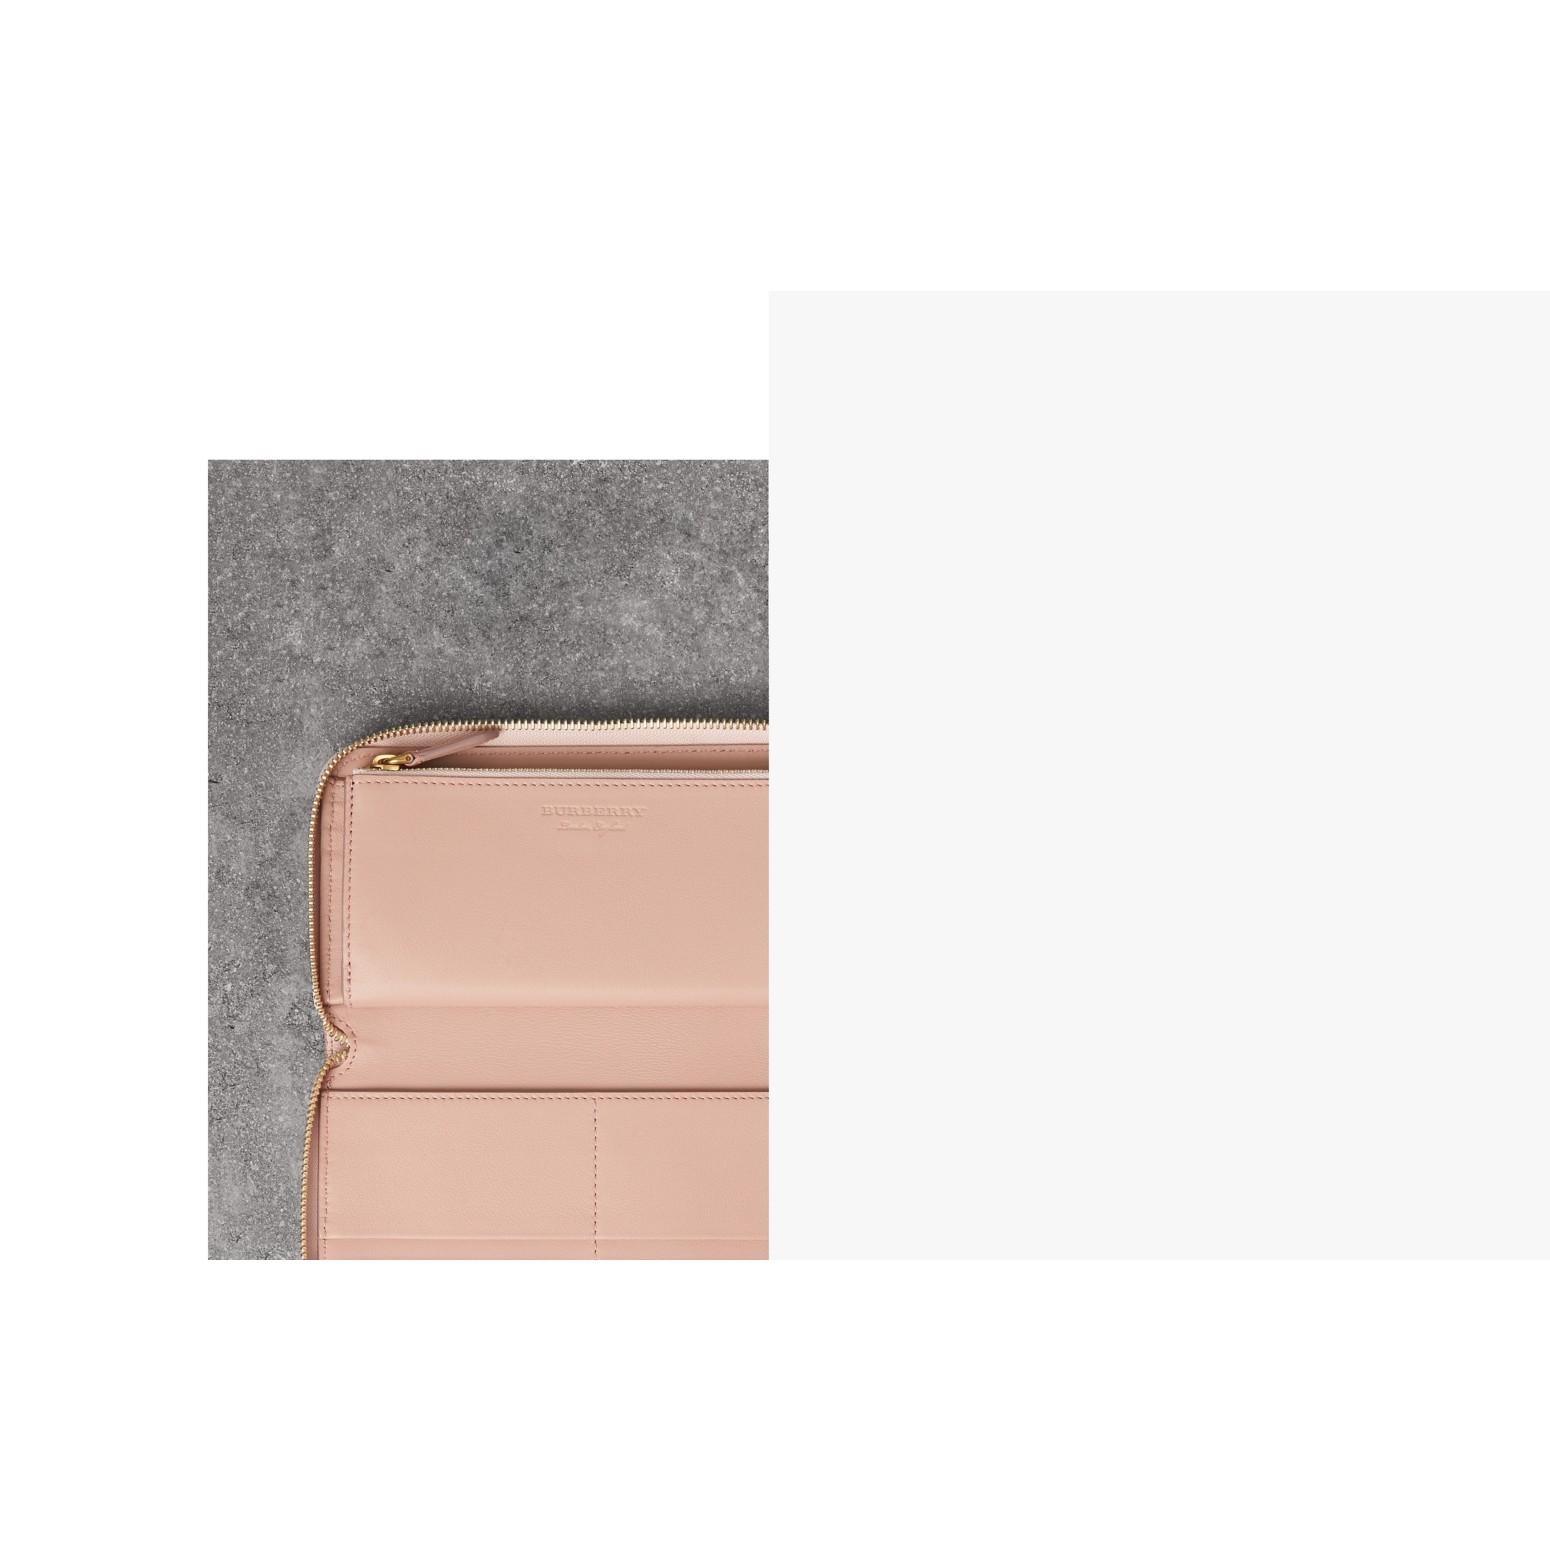 Brieftasche aus Leder mit umlaufendem Reißverschluss und Prägedetail (Helles Aschrosa) | Burberry - Galerie-Bild 1